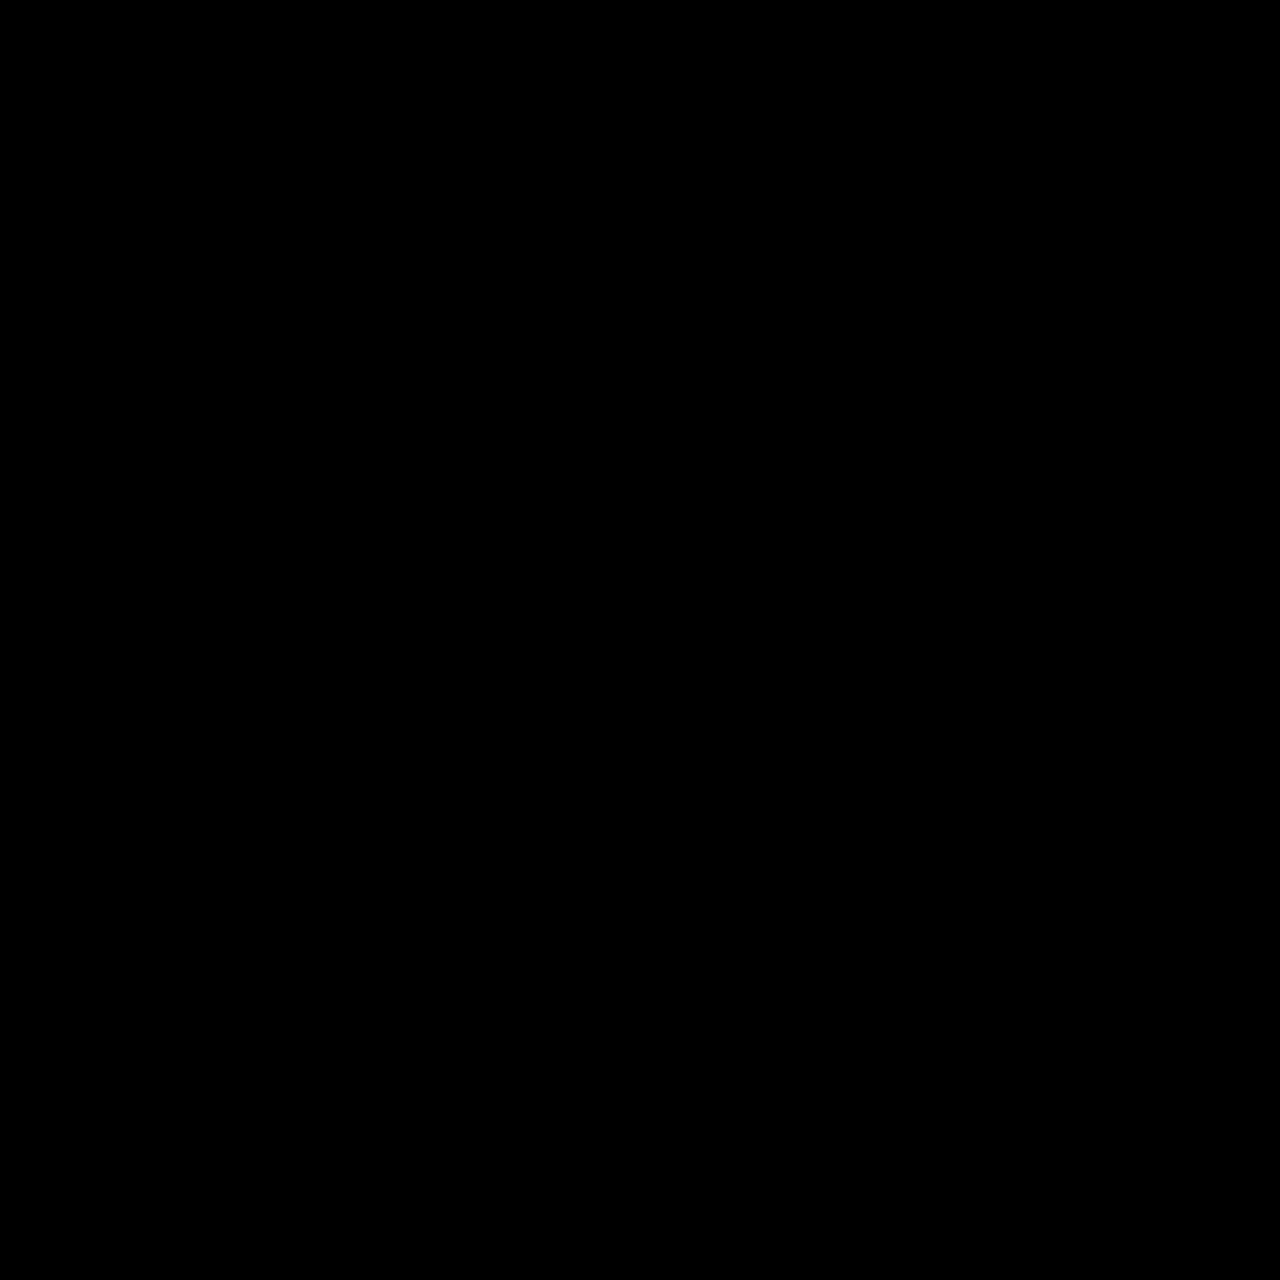 Kuromajo no Koukotsu   The Black Witch's Ecstasy 84